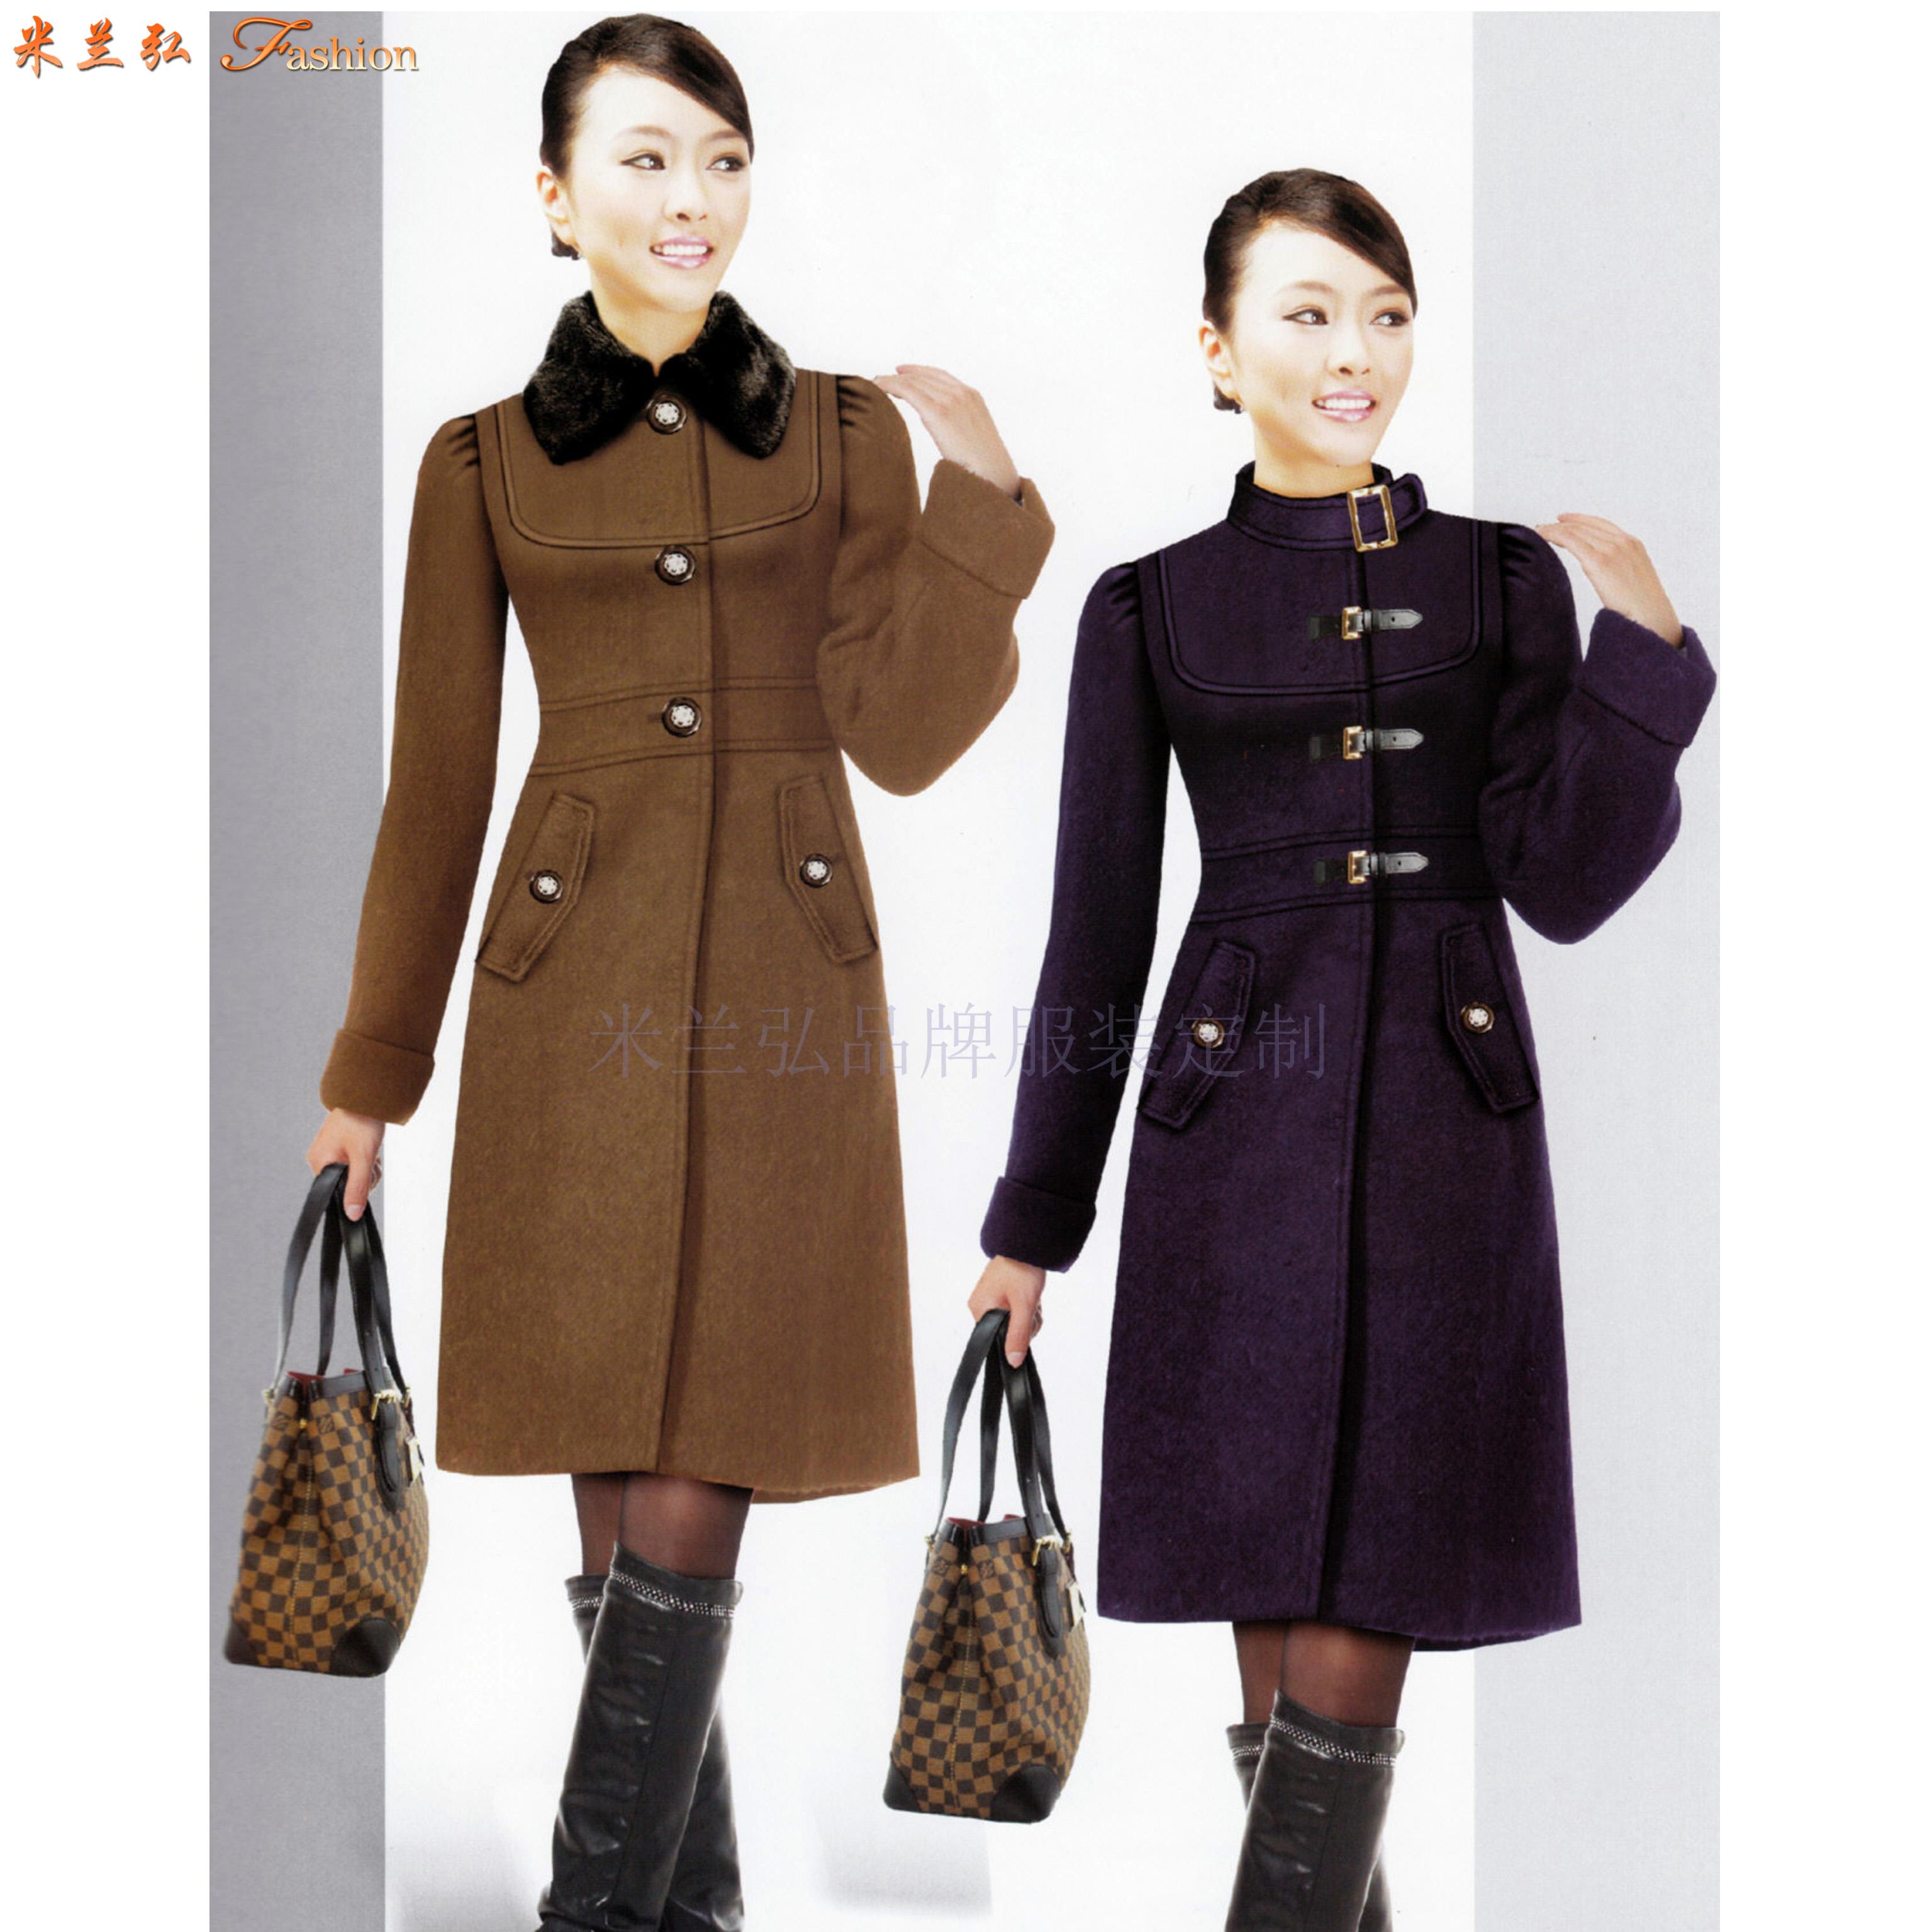 「河北大衣」承德市定制羊毛商務大衣的貨真價實公司-米蘭弘服裝-4